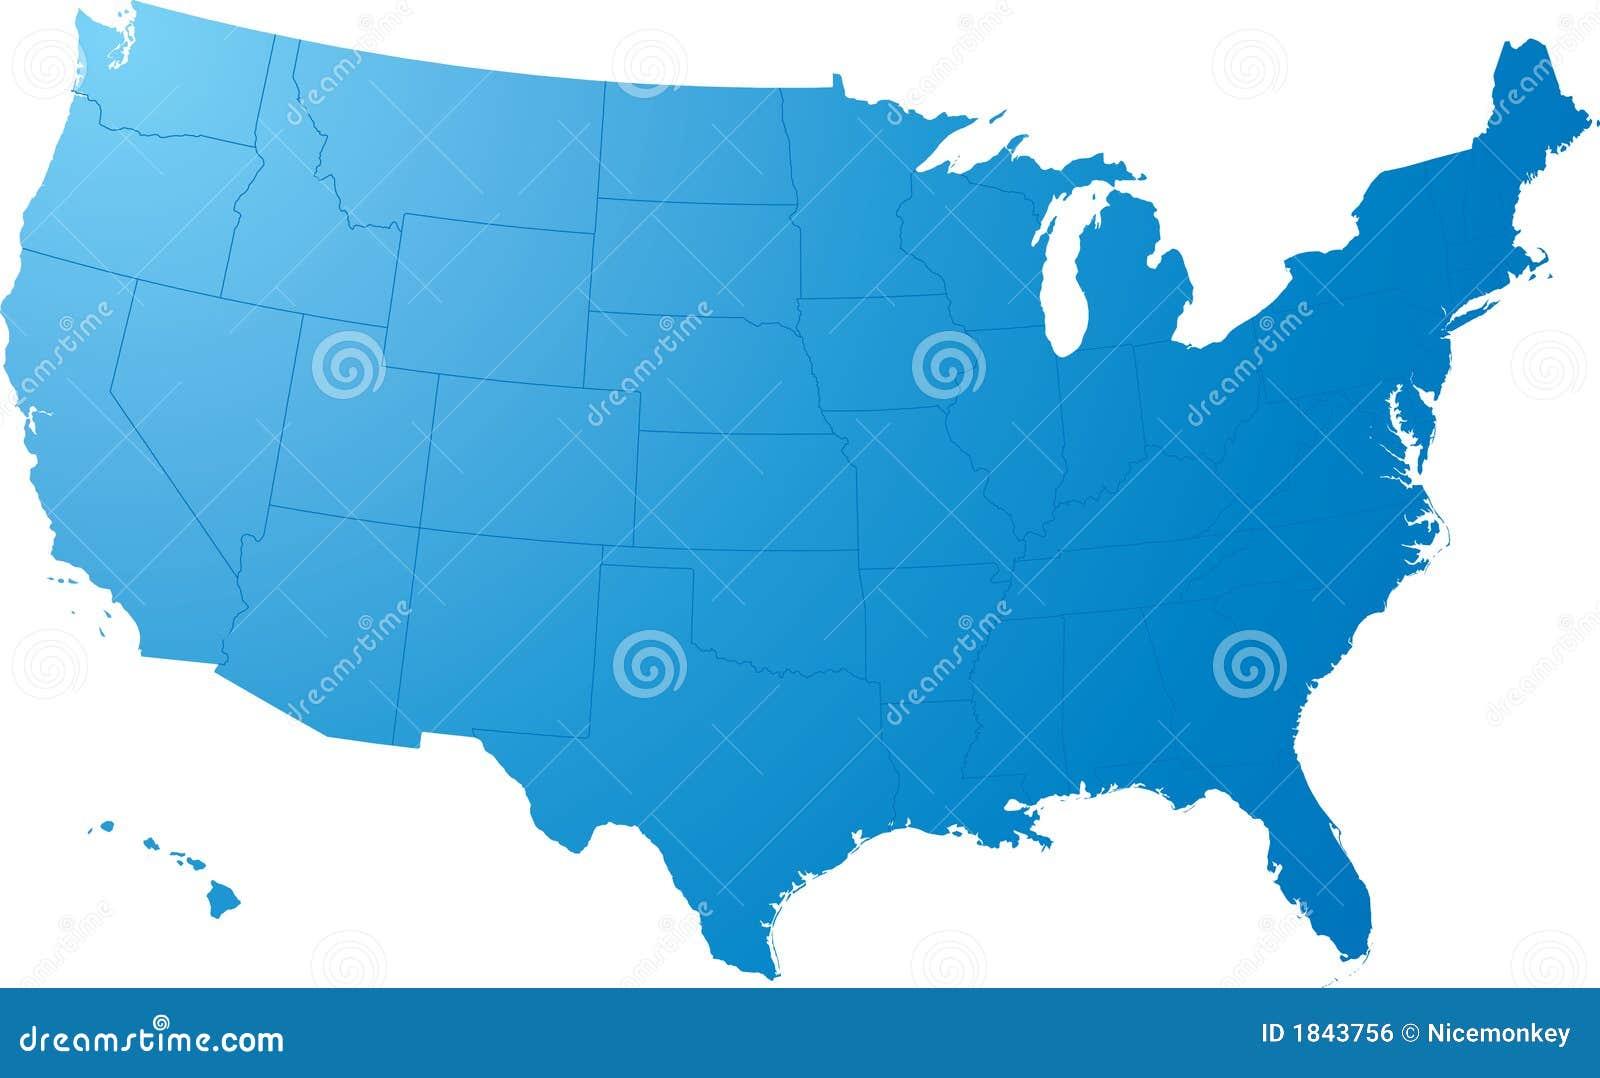 Nós planície do mapa